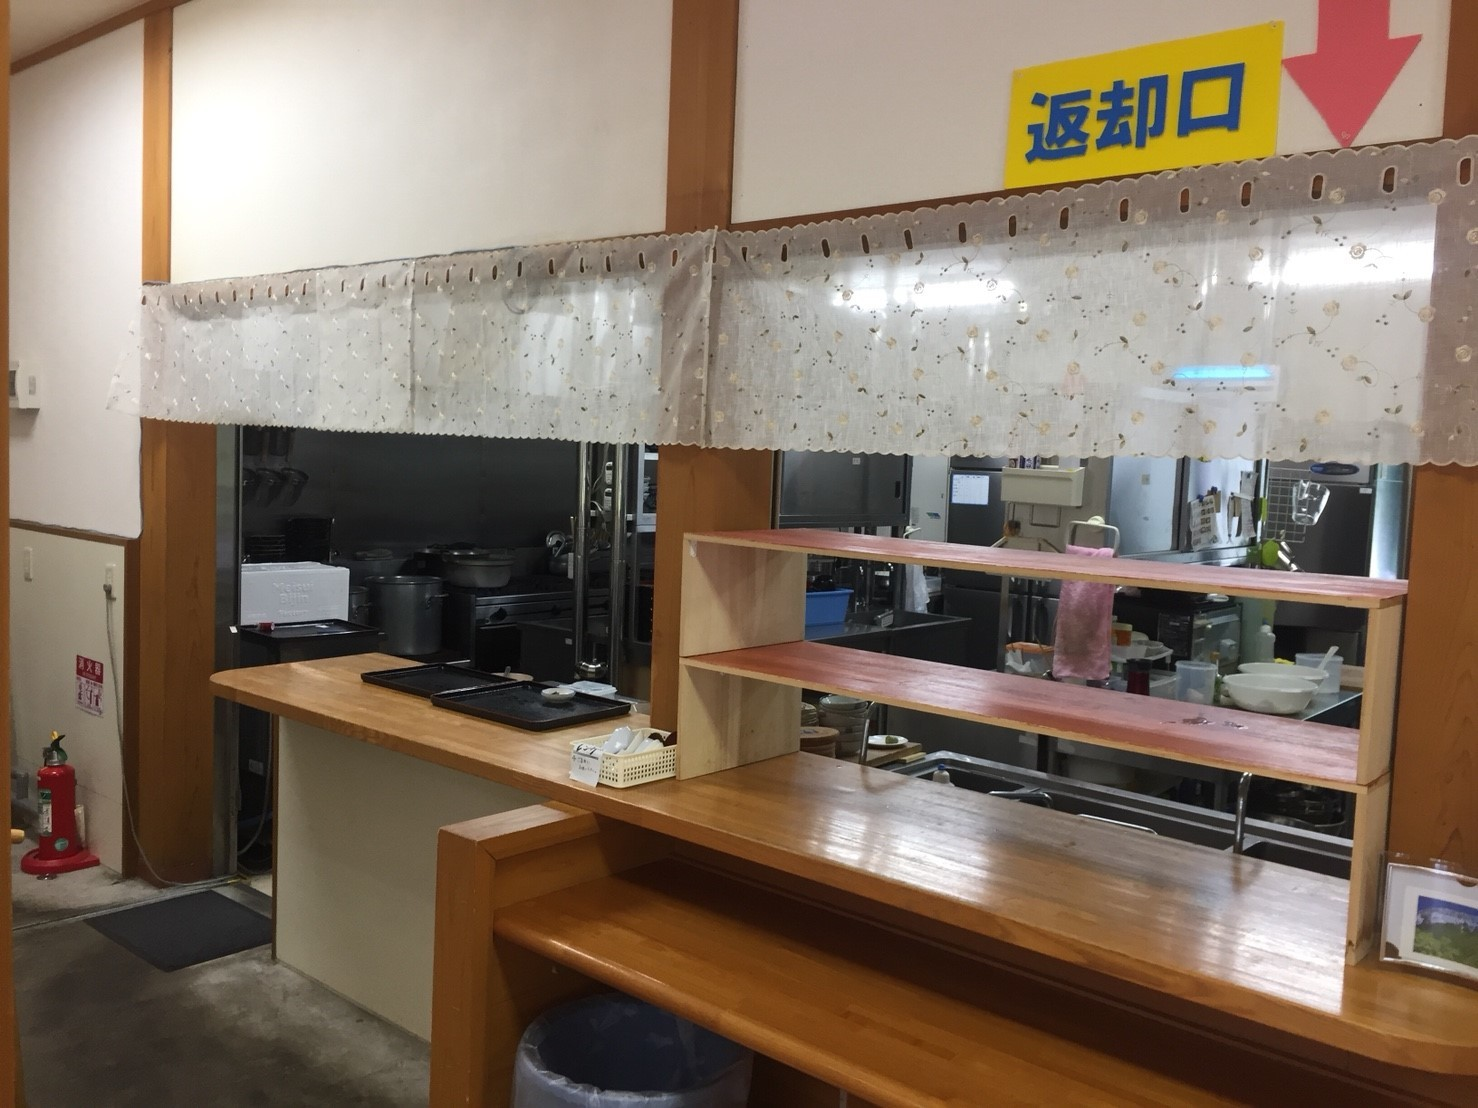 関金の道の駅 犬挟  内に併設されてる犬挟食堂_e0115904_15025608.jpg